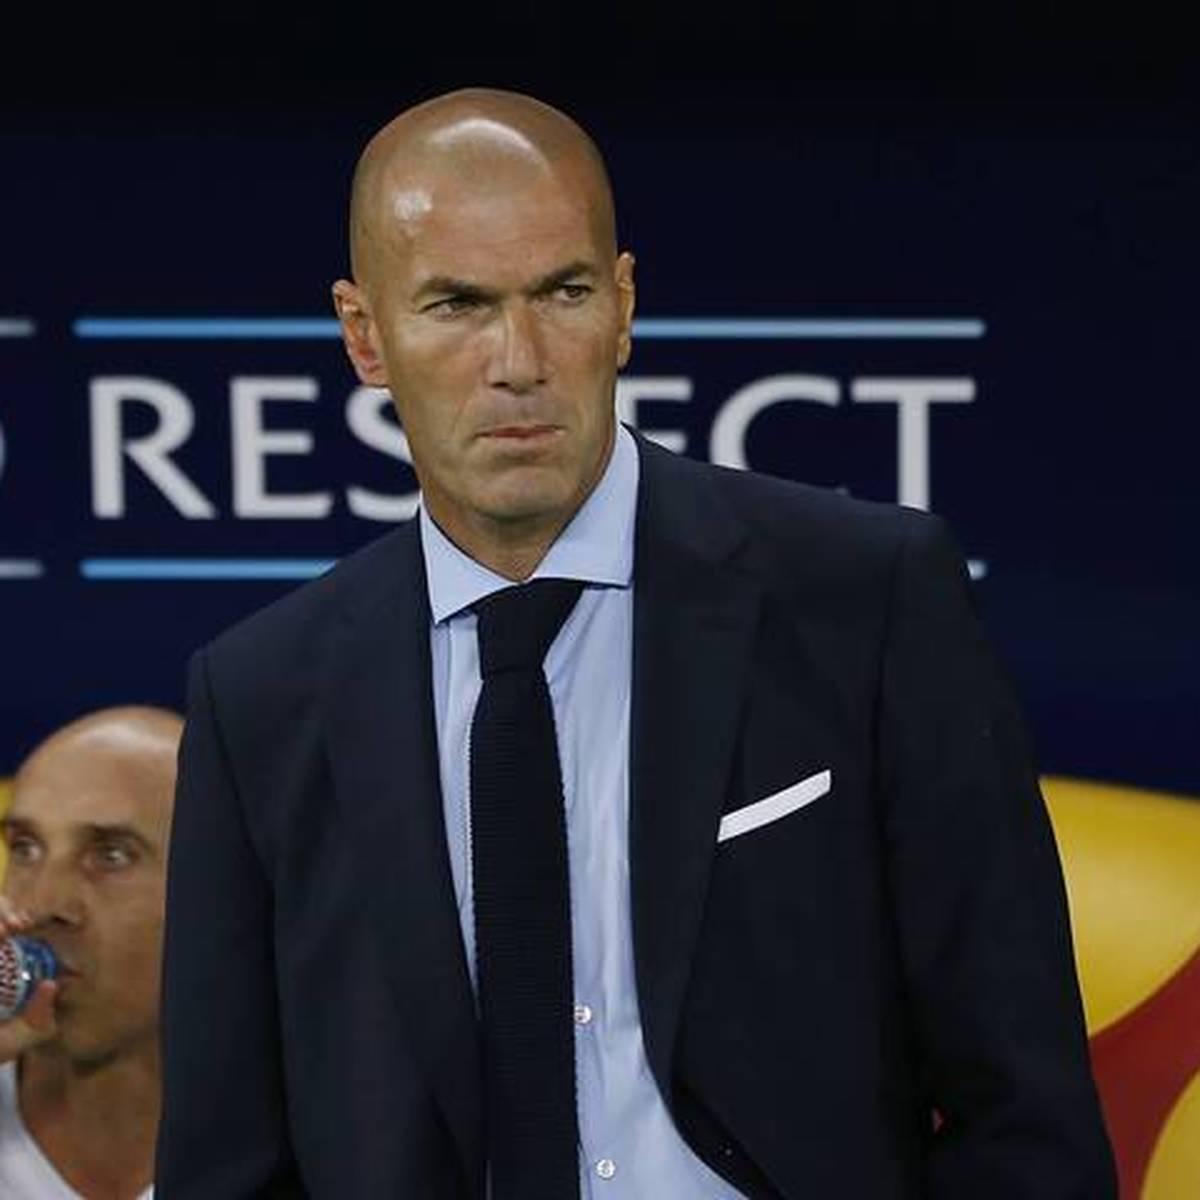 Heiße United-Gerüchte um Zidane